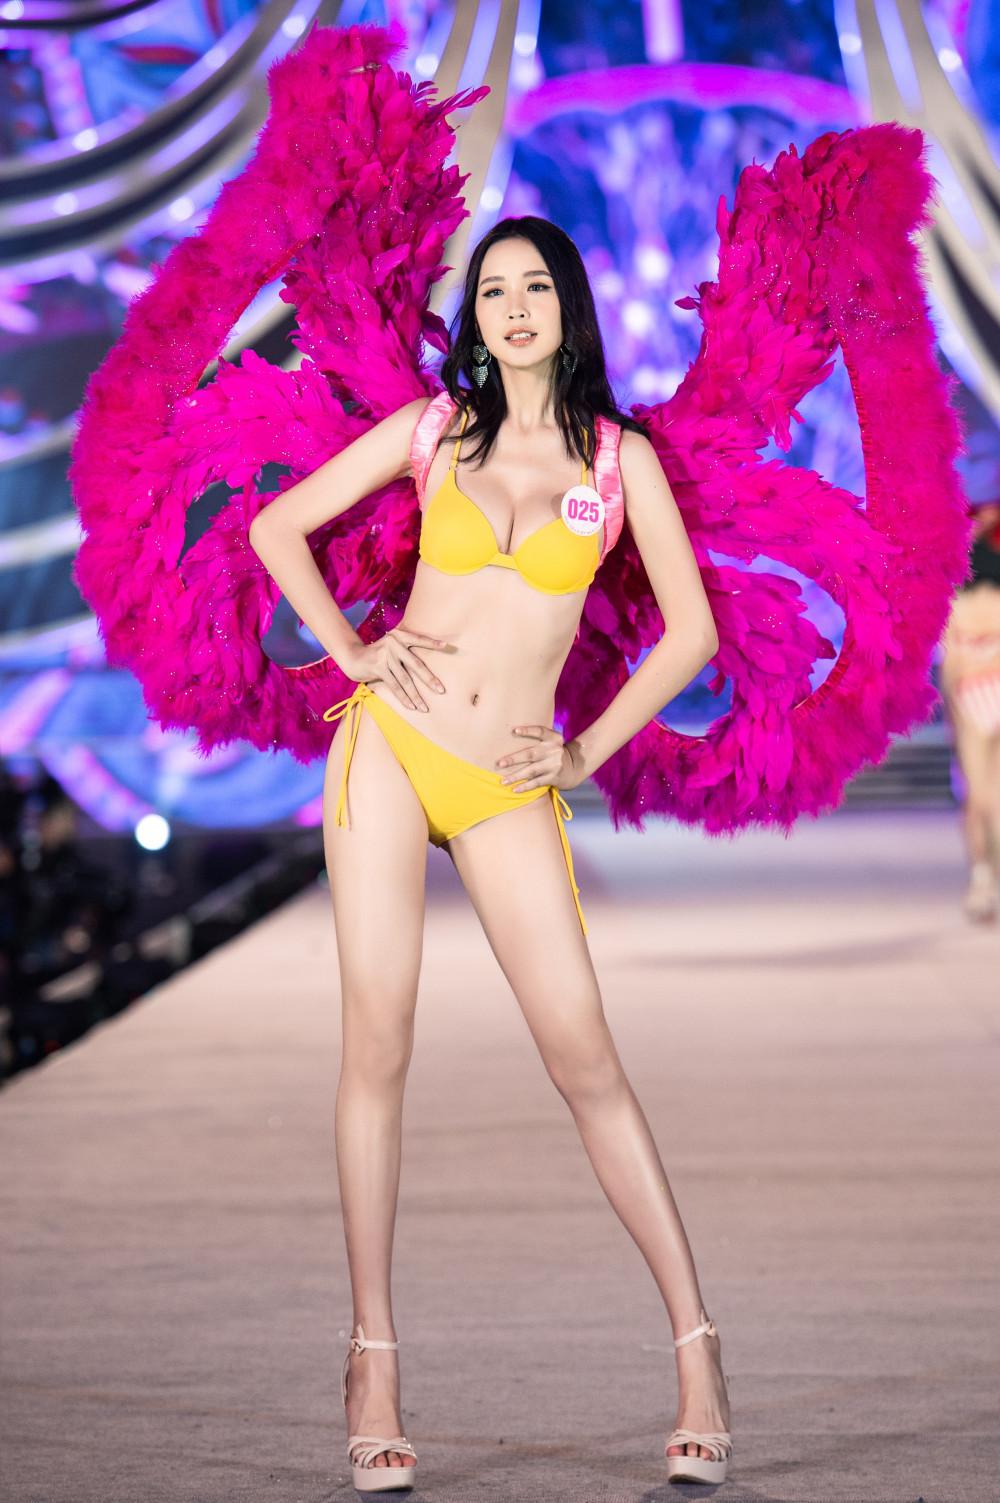 Lê Nguyễn Bảo Ngọc là thí sinh có chiều cao khủng nhất cuộc thi năm nay 1m84, số đo 3 vòng 87-67-96. Cô hiện đang là sinh viên của Đại học Quốc gia TPHCM. Phần lớn thí sinh tham dự Hoa hậu Việt Nam đều là những gương mặt mới nên kỹ năng trình diễn chưa thực sự điêu luyện.